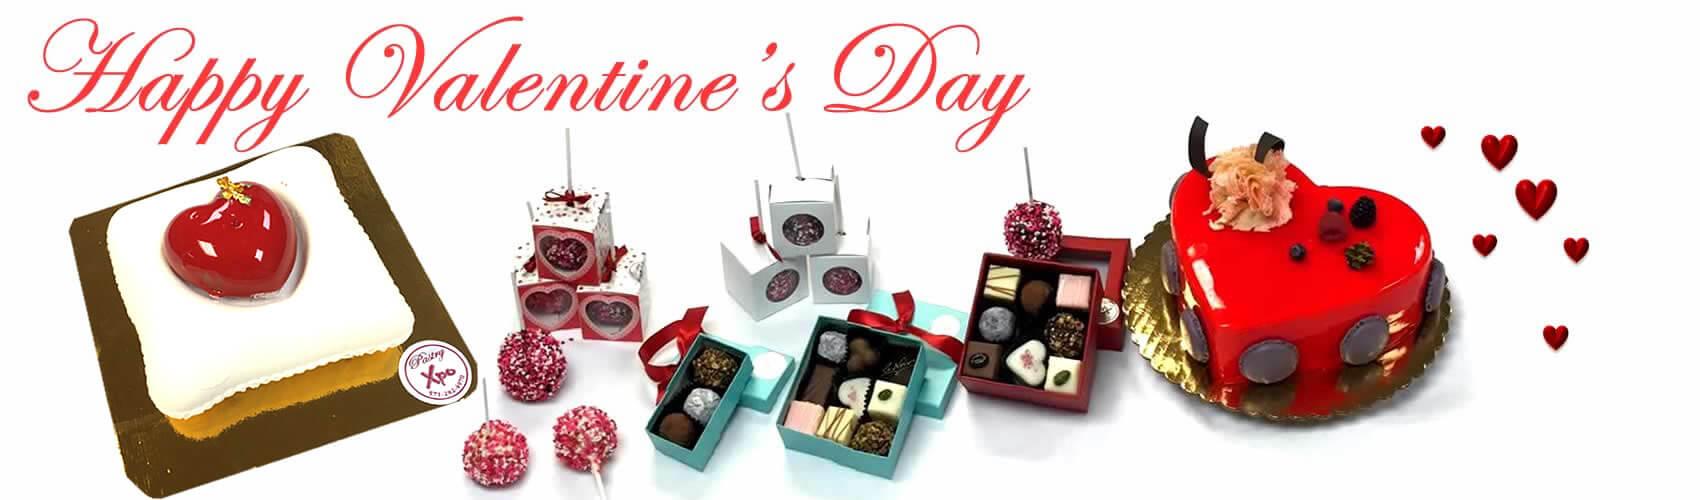 Happy Valentines Pastryxpo 2017